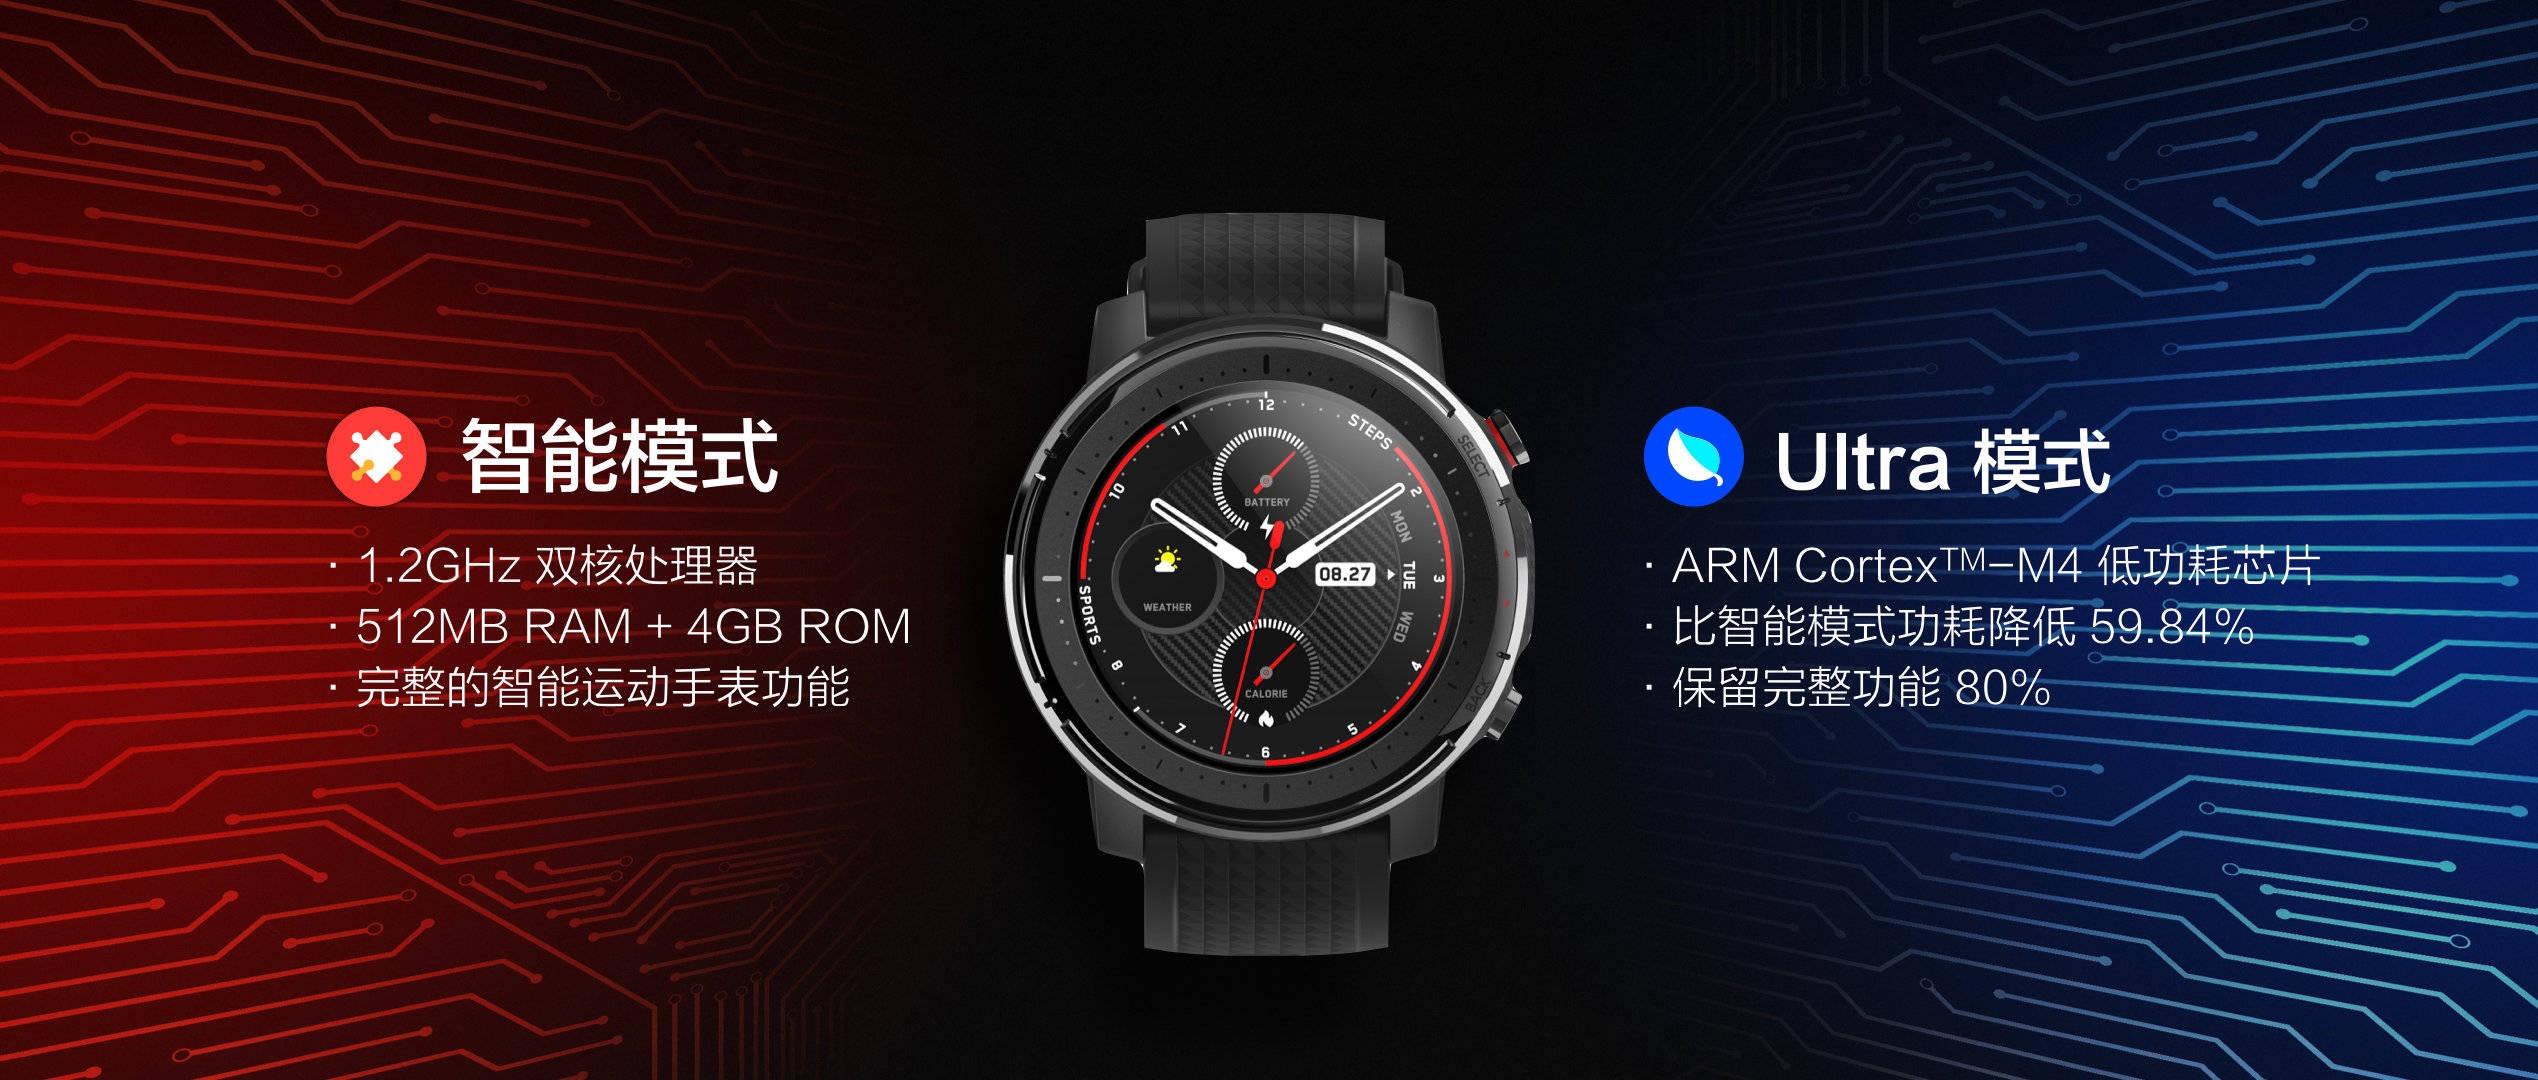 Amazfit Smart Sports Watch 3, Eigenschaften, Preis und Spezifikationen. Xiaomi Addicted News